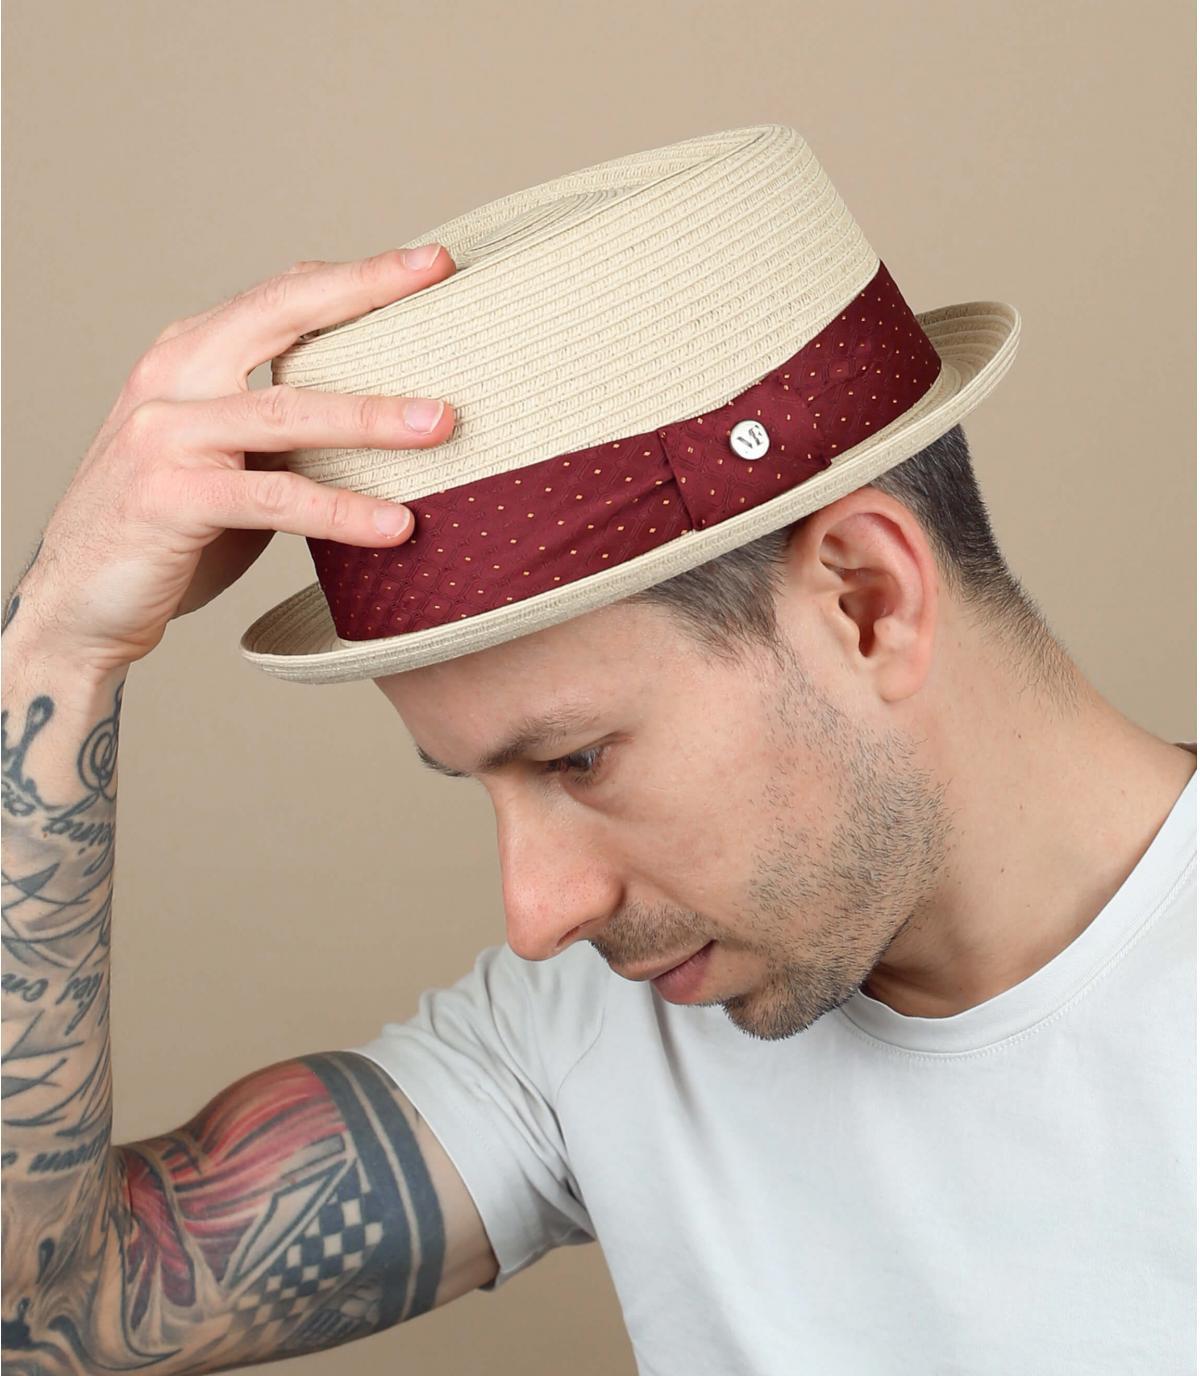 cappello paglia passamano a pois rosso